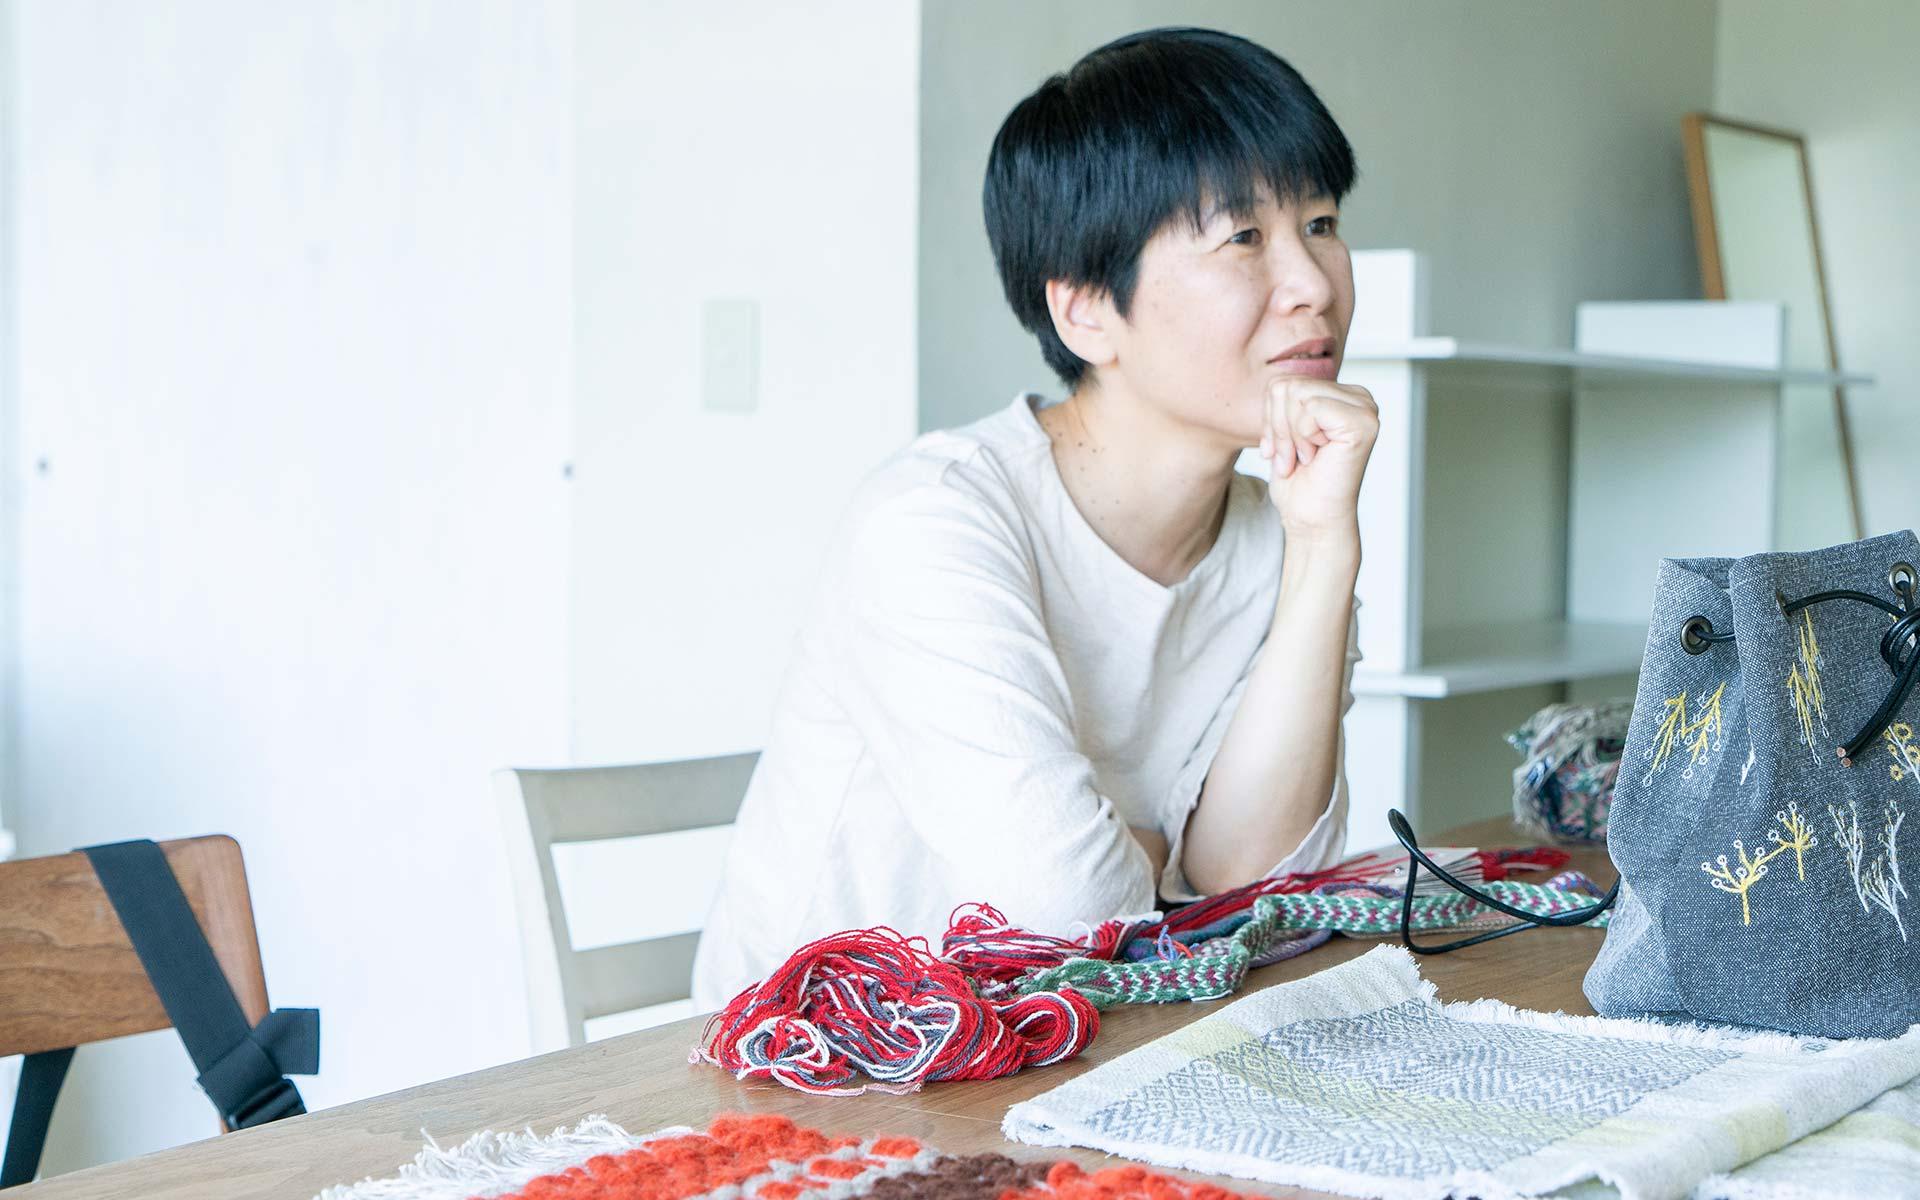 「古きよきをあたらしく。」セキユリヲさんに聞く、これからの伝統技術の活かし方